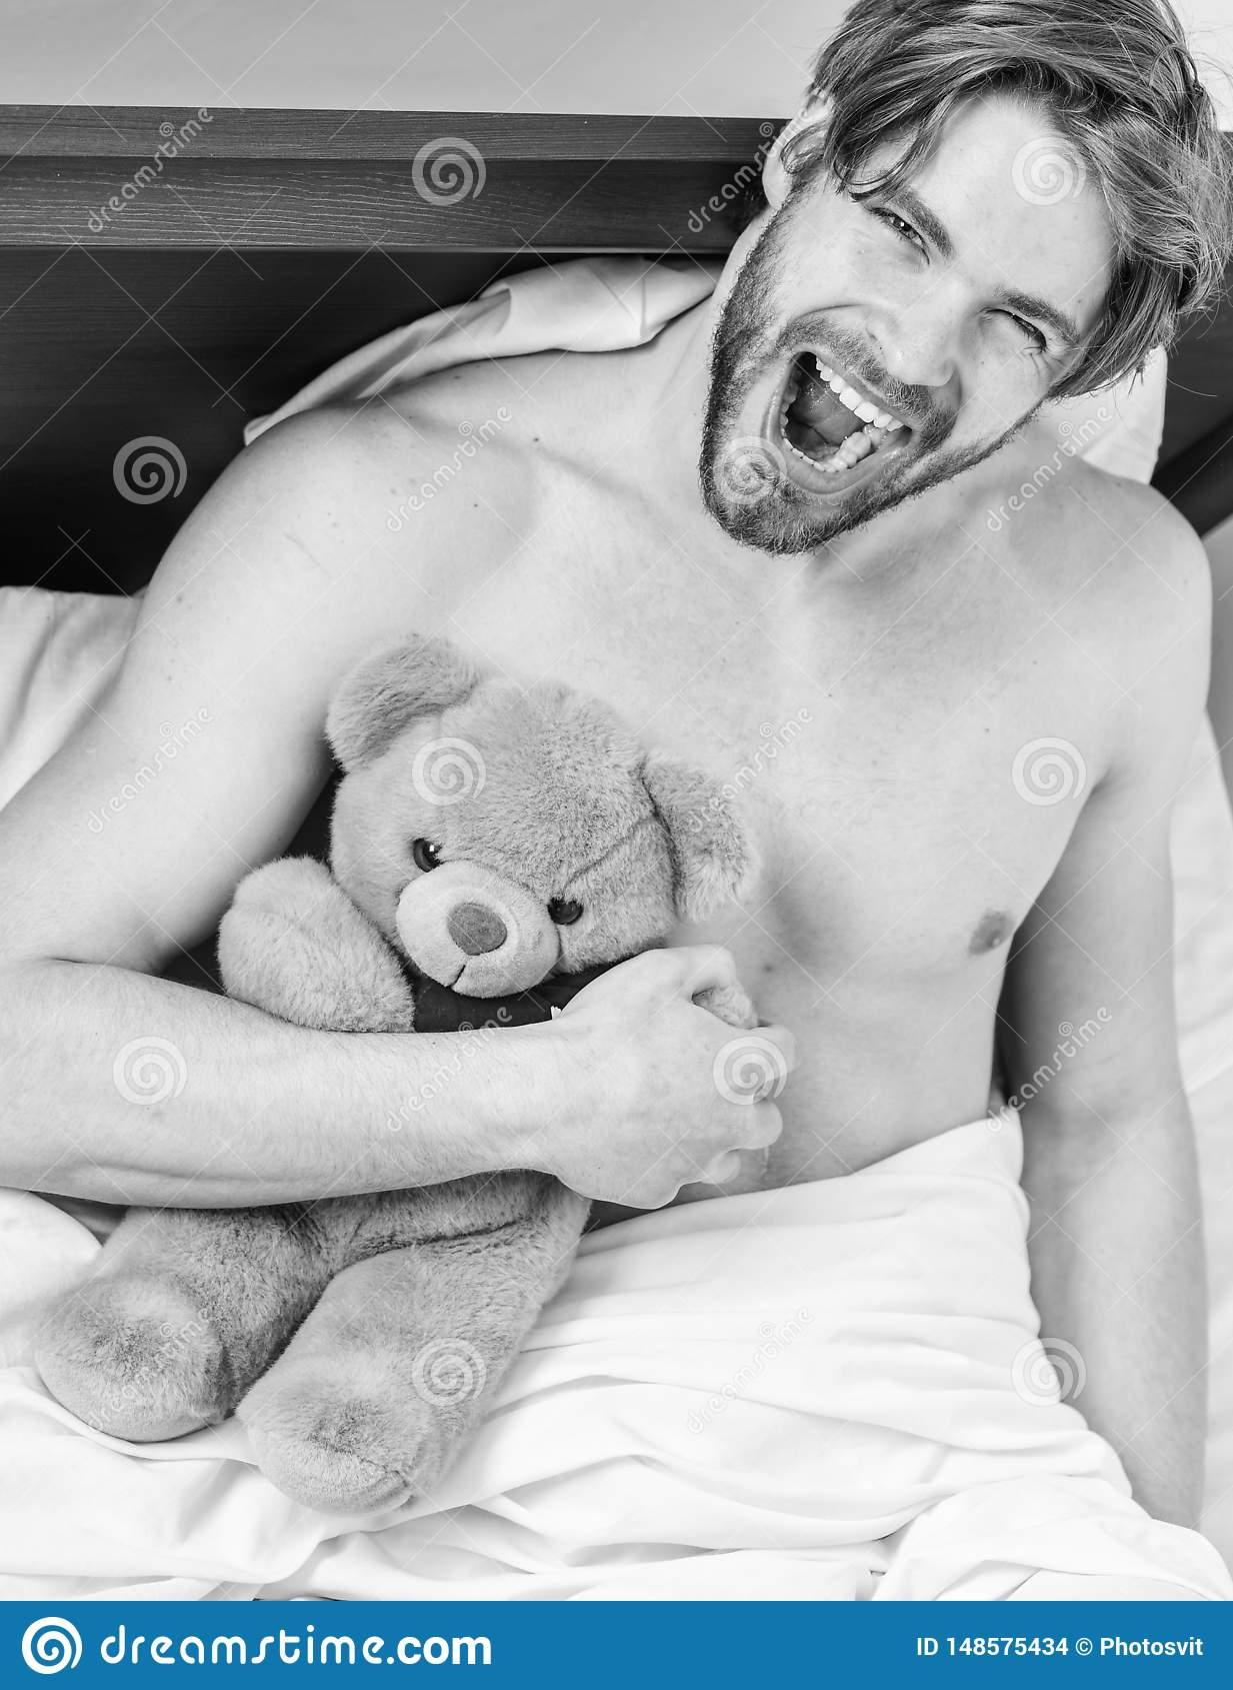 Juguete suave de la felpa del oso de peluche del abrazo del individuo La cara barbuda sin afeitar del hombre se relaja con el oso